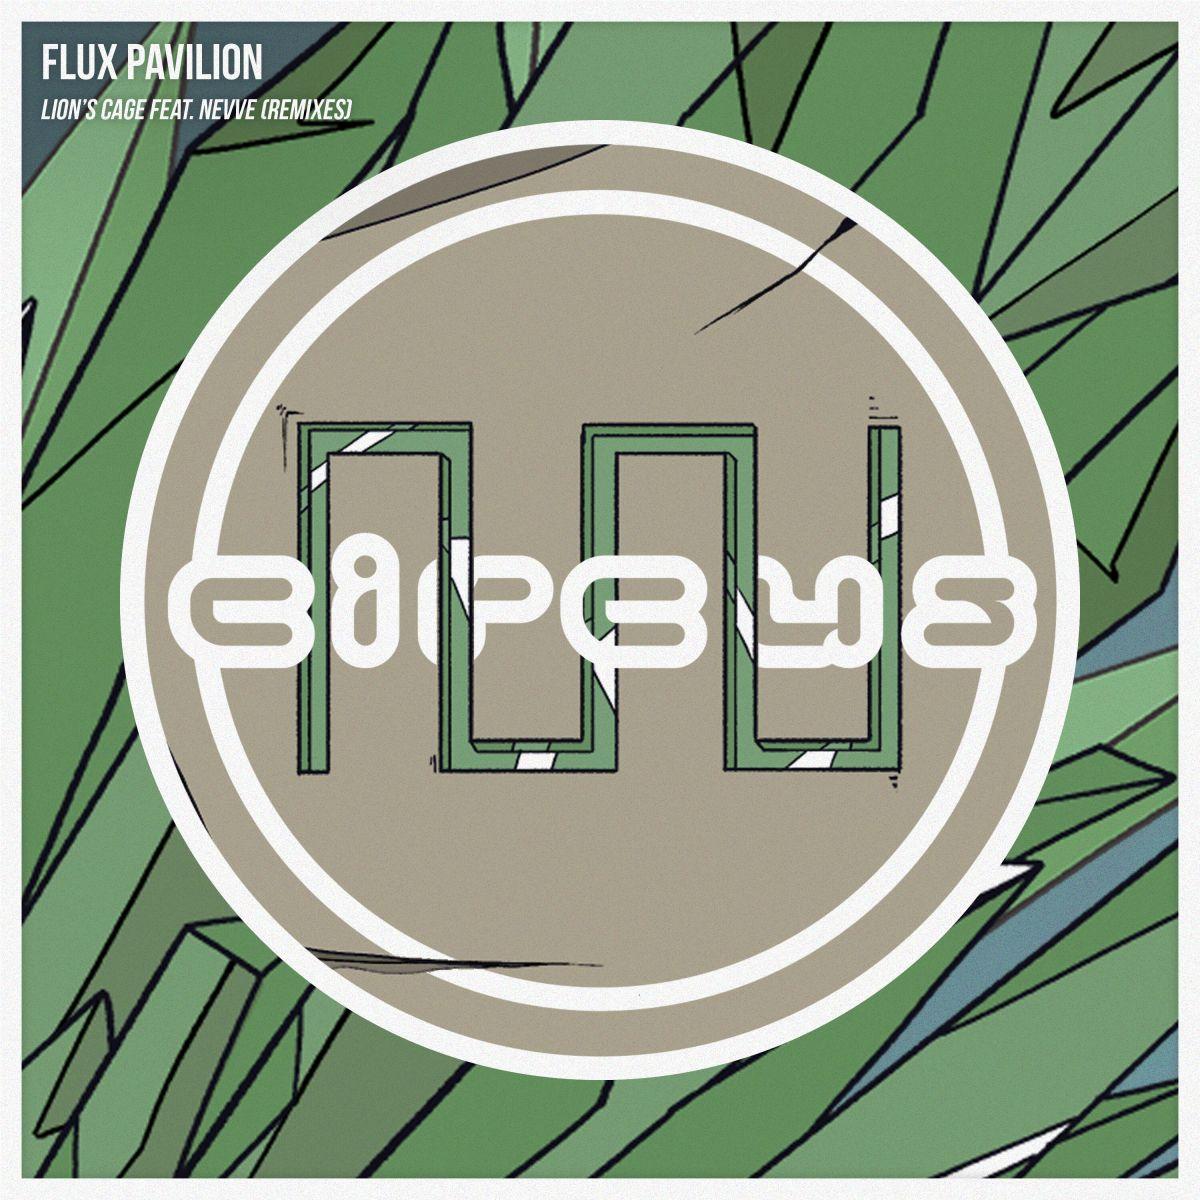 Flux Pavilion - Lion's Cage (feat. Nevve) (REMIXES) - Mom N Dad, Heyz